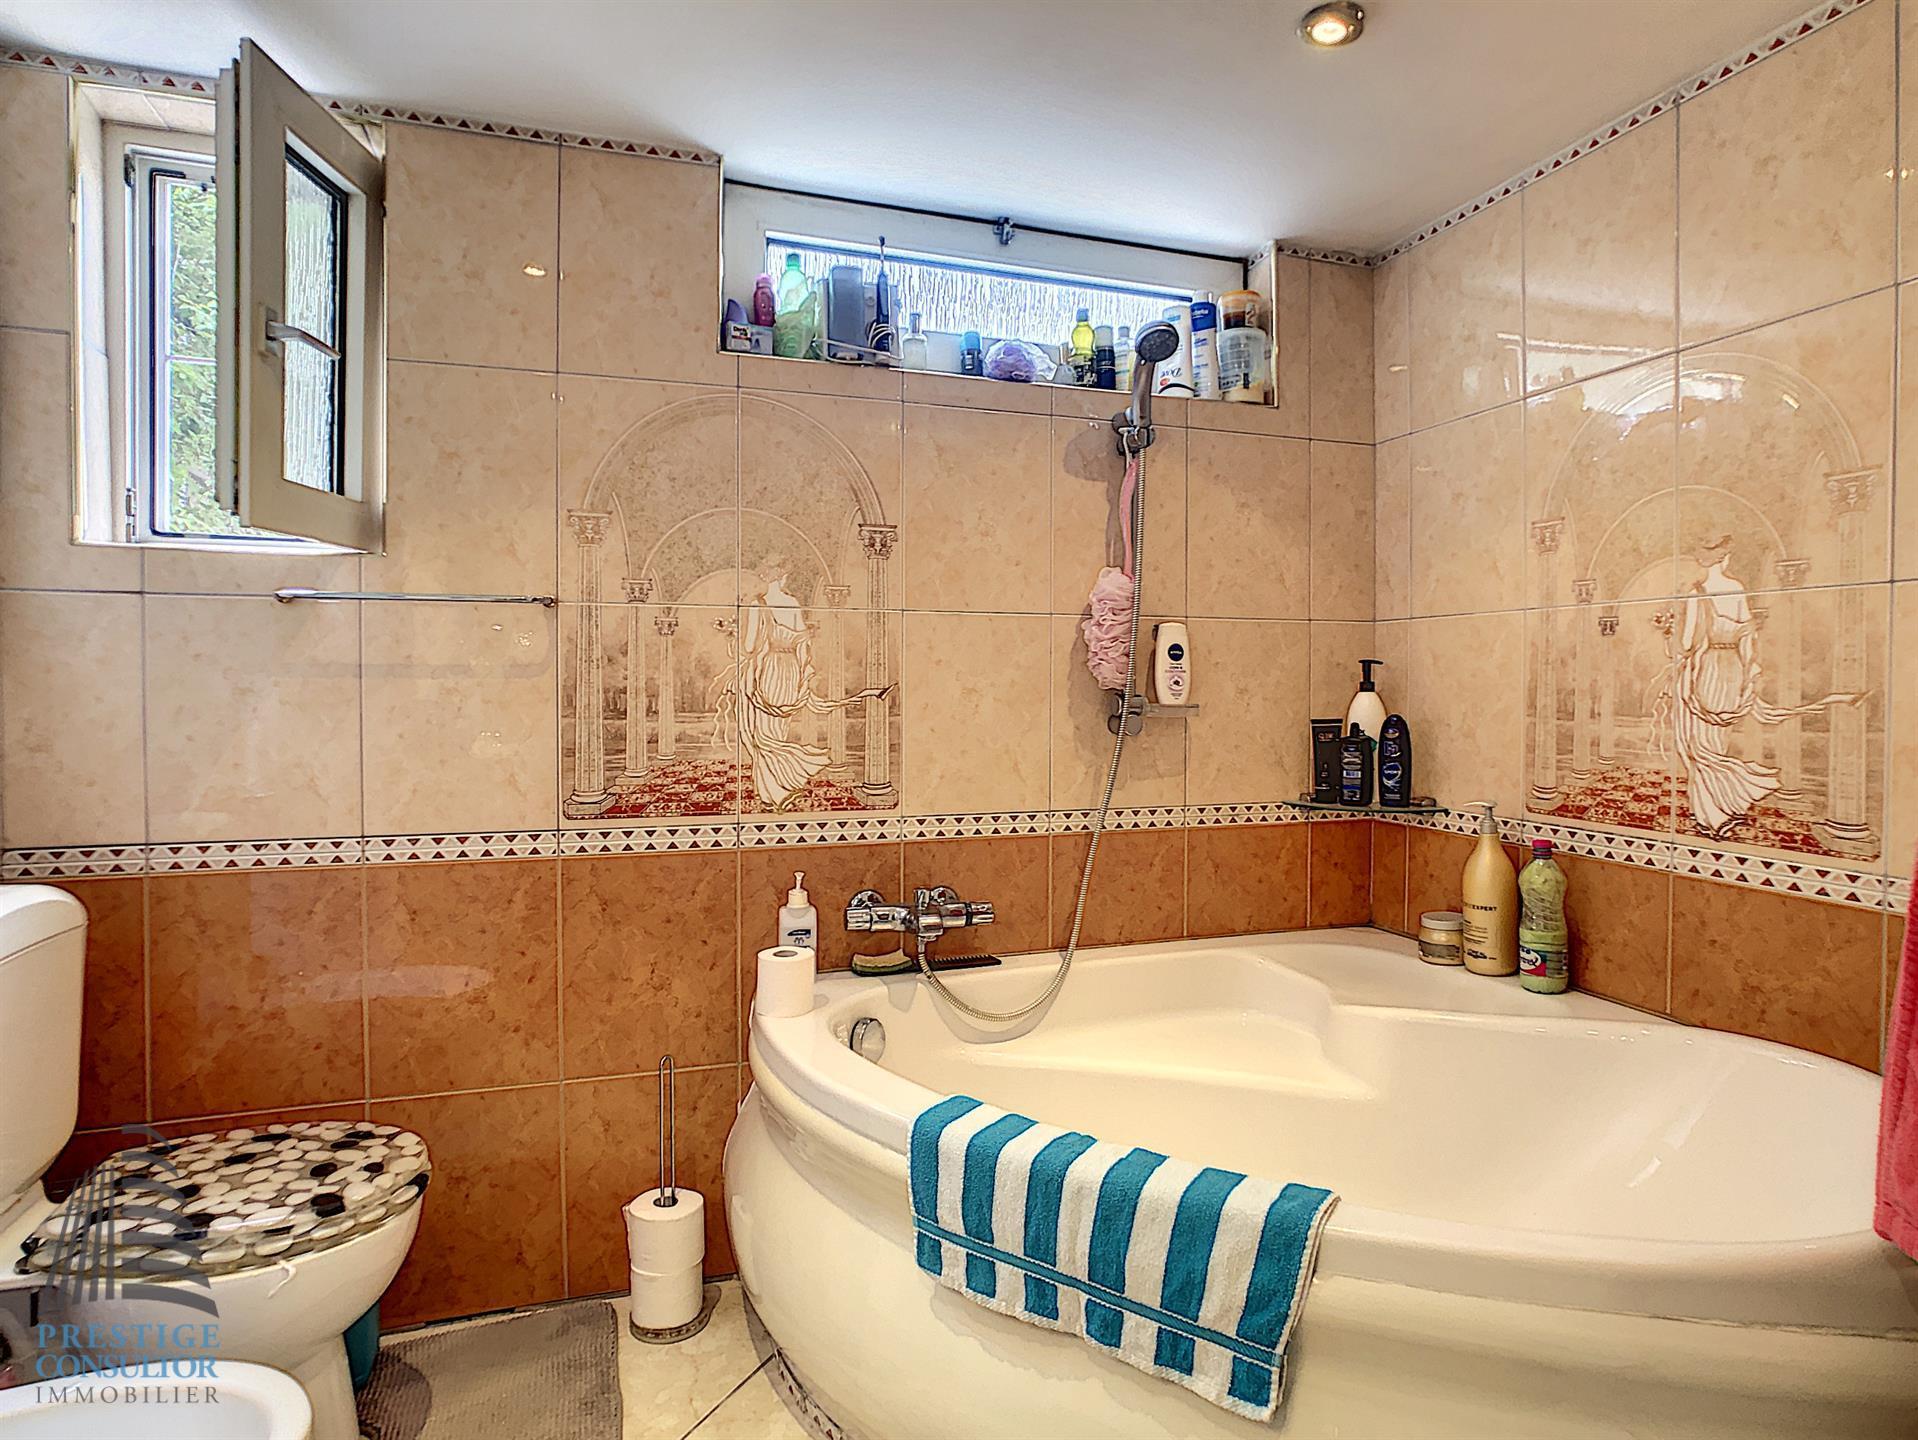 Appartement - Schaarbeek - #4063307-5